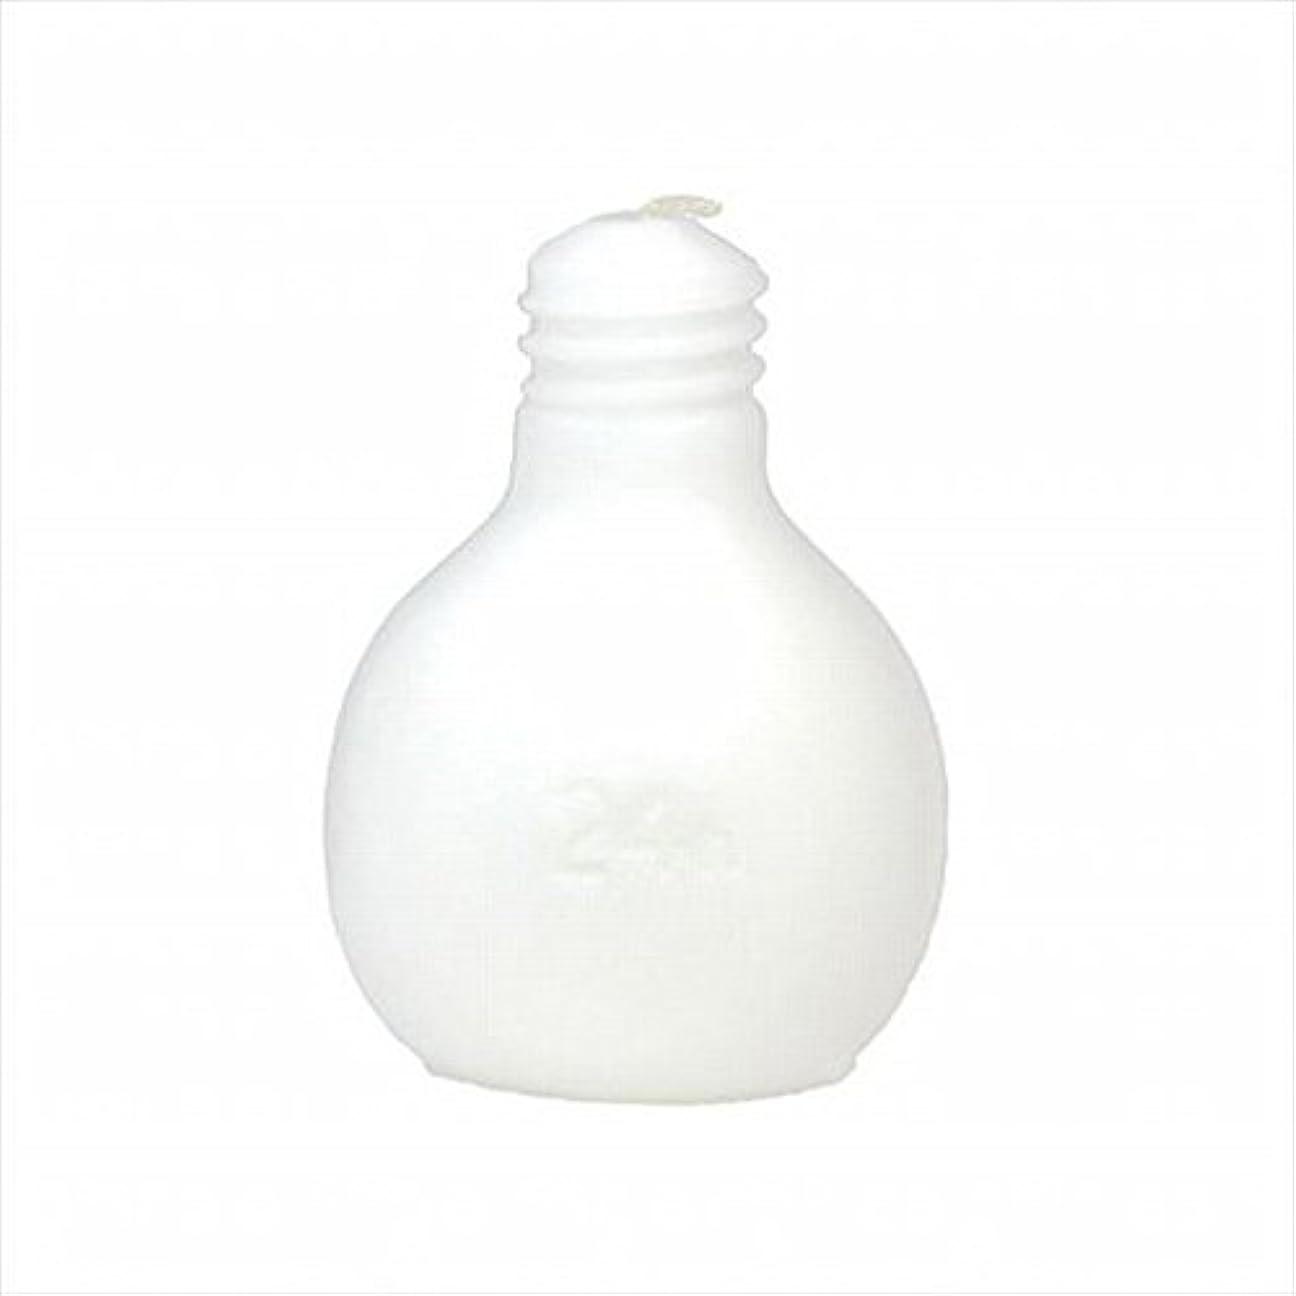 陽気な化学薬品広くkameyama candle(カメヤマキャンドル) 節電球キャンドル 「 ホワイト 」 キャンドル 75x75x98mm (A4220000W)